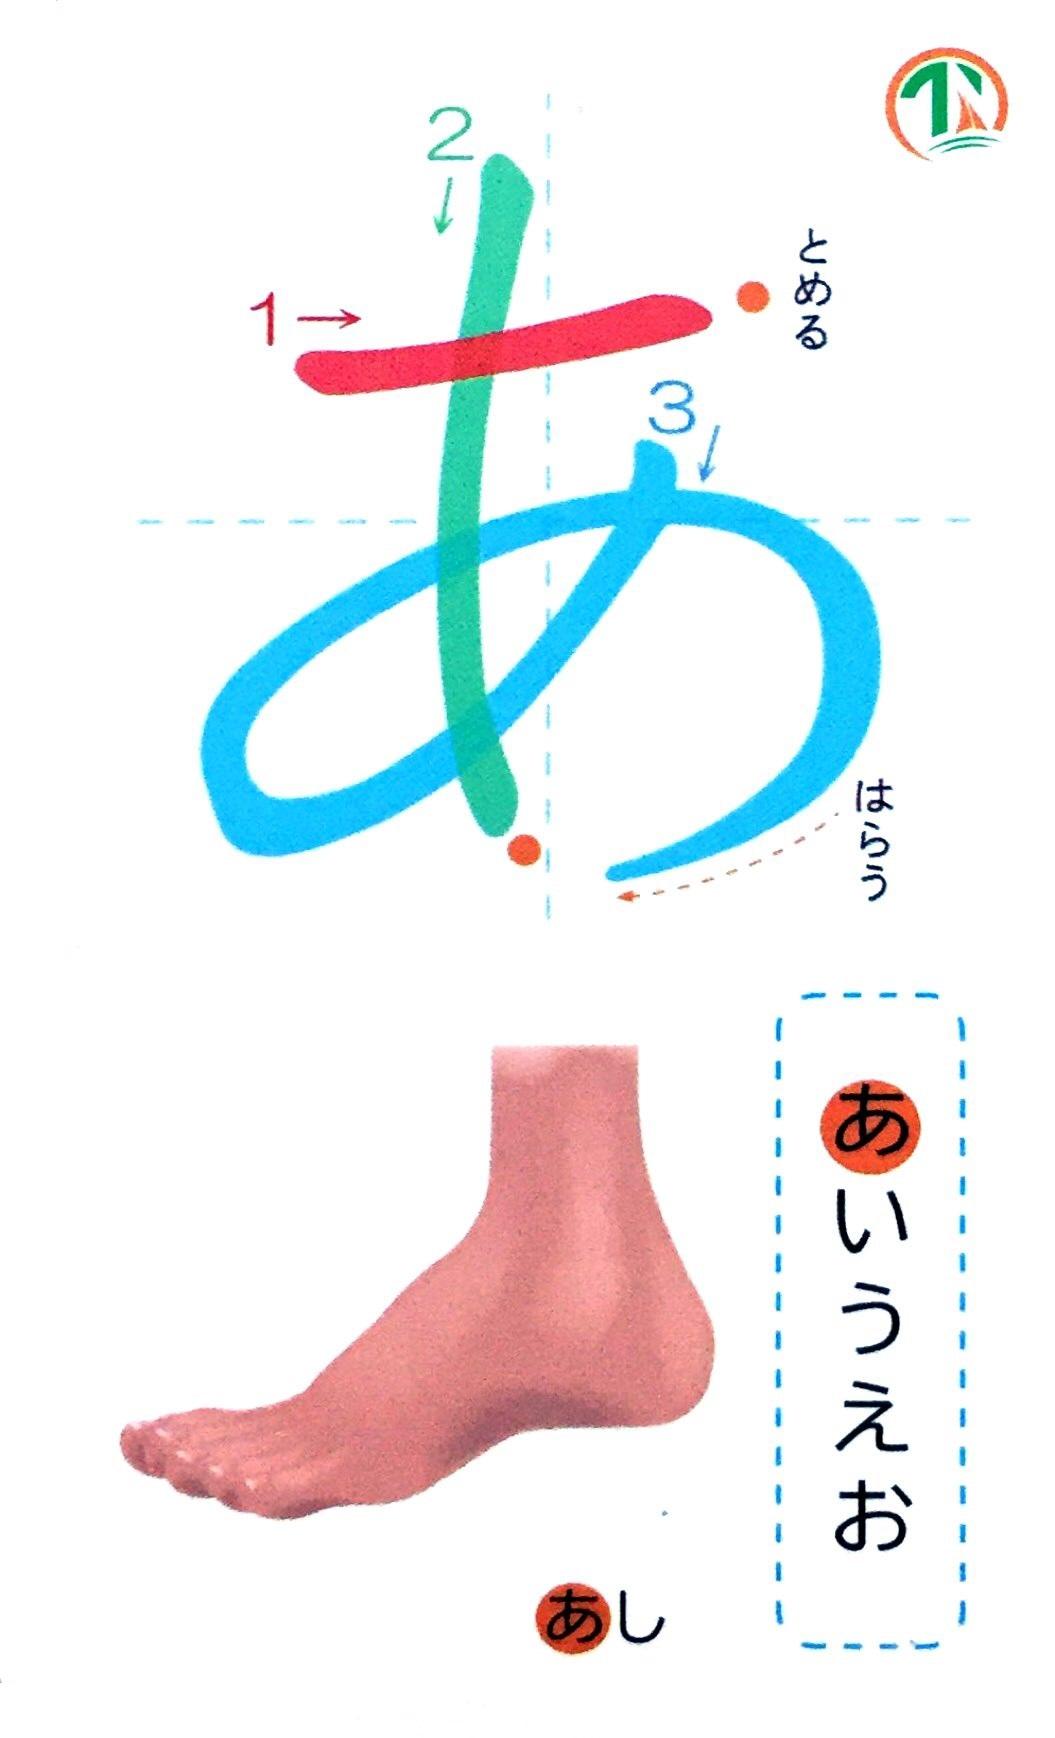 Flashcards Thẻ Học Tiếng Nhật Hộp 2 Bộ Thẻ Hiragana & Katakana